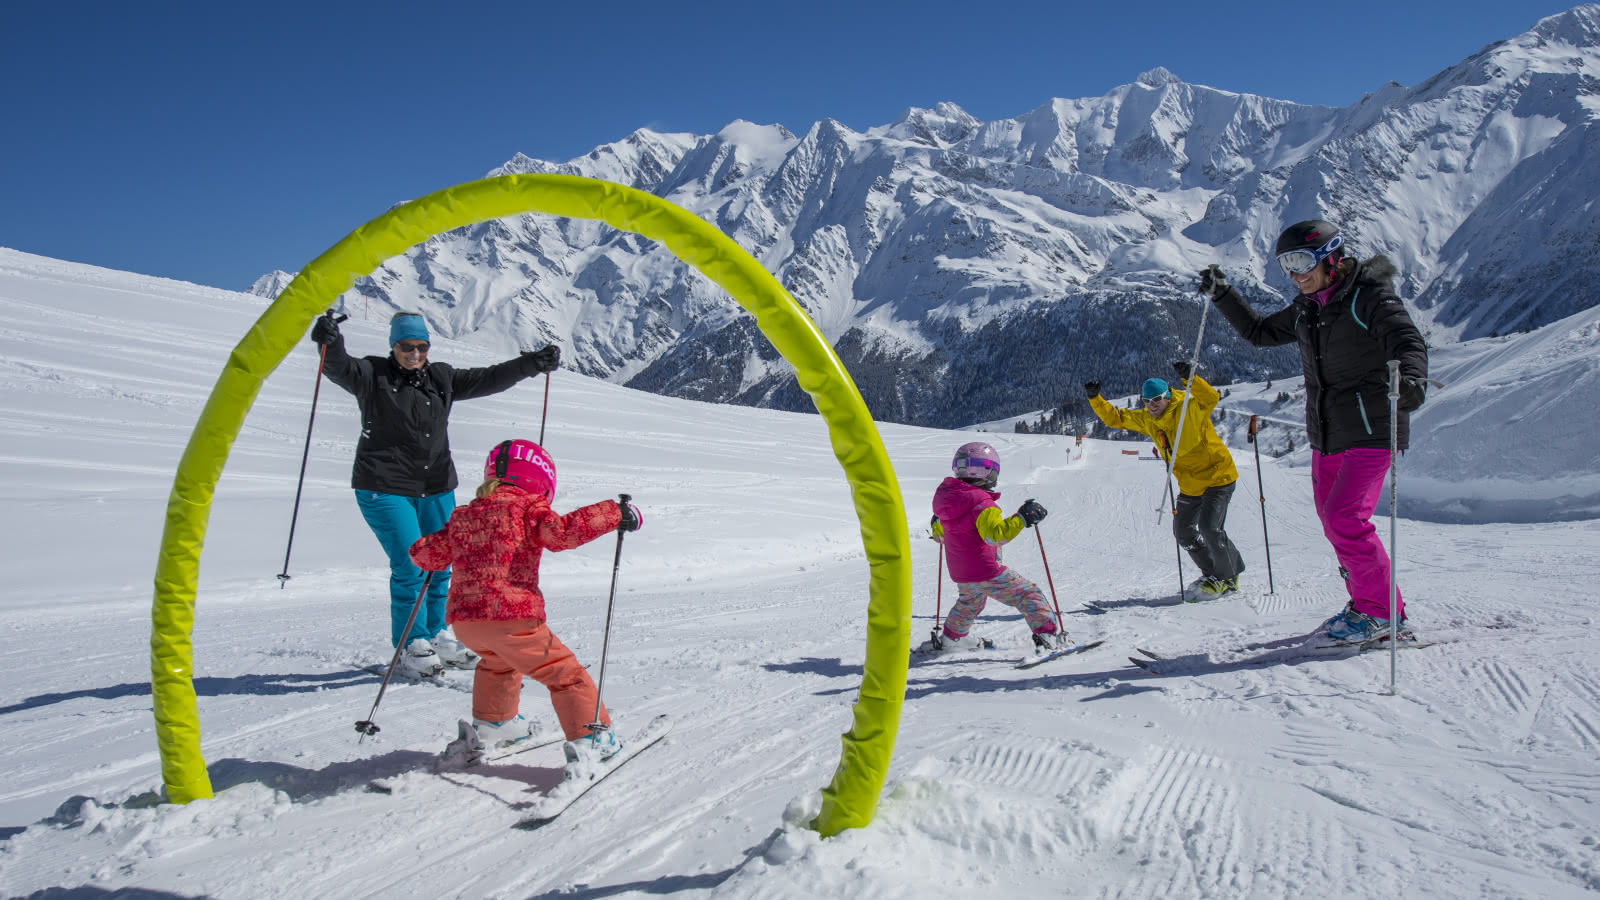 Le parcours ludique pour petits et grands au coeur du domaine skiable des Contamines